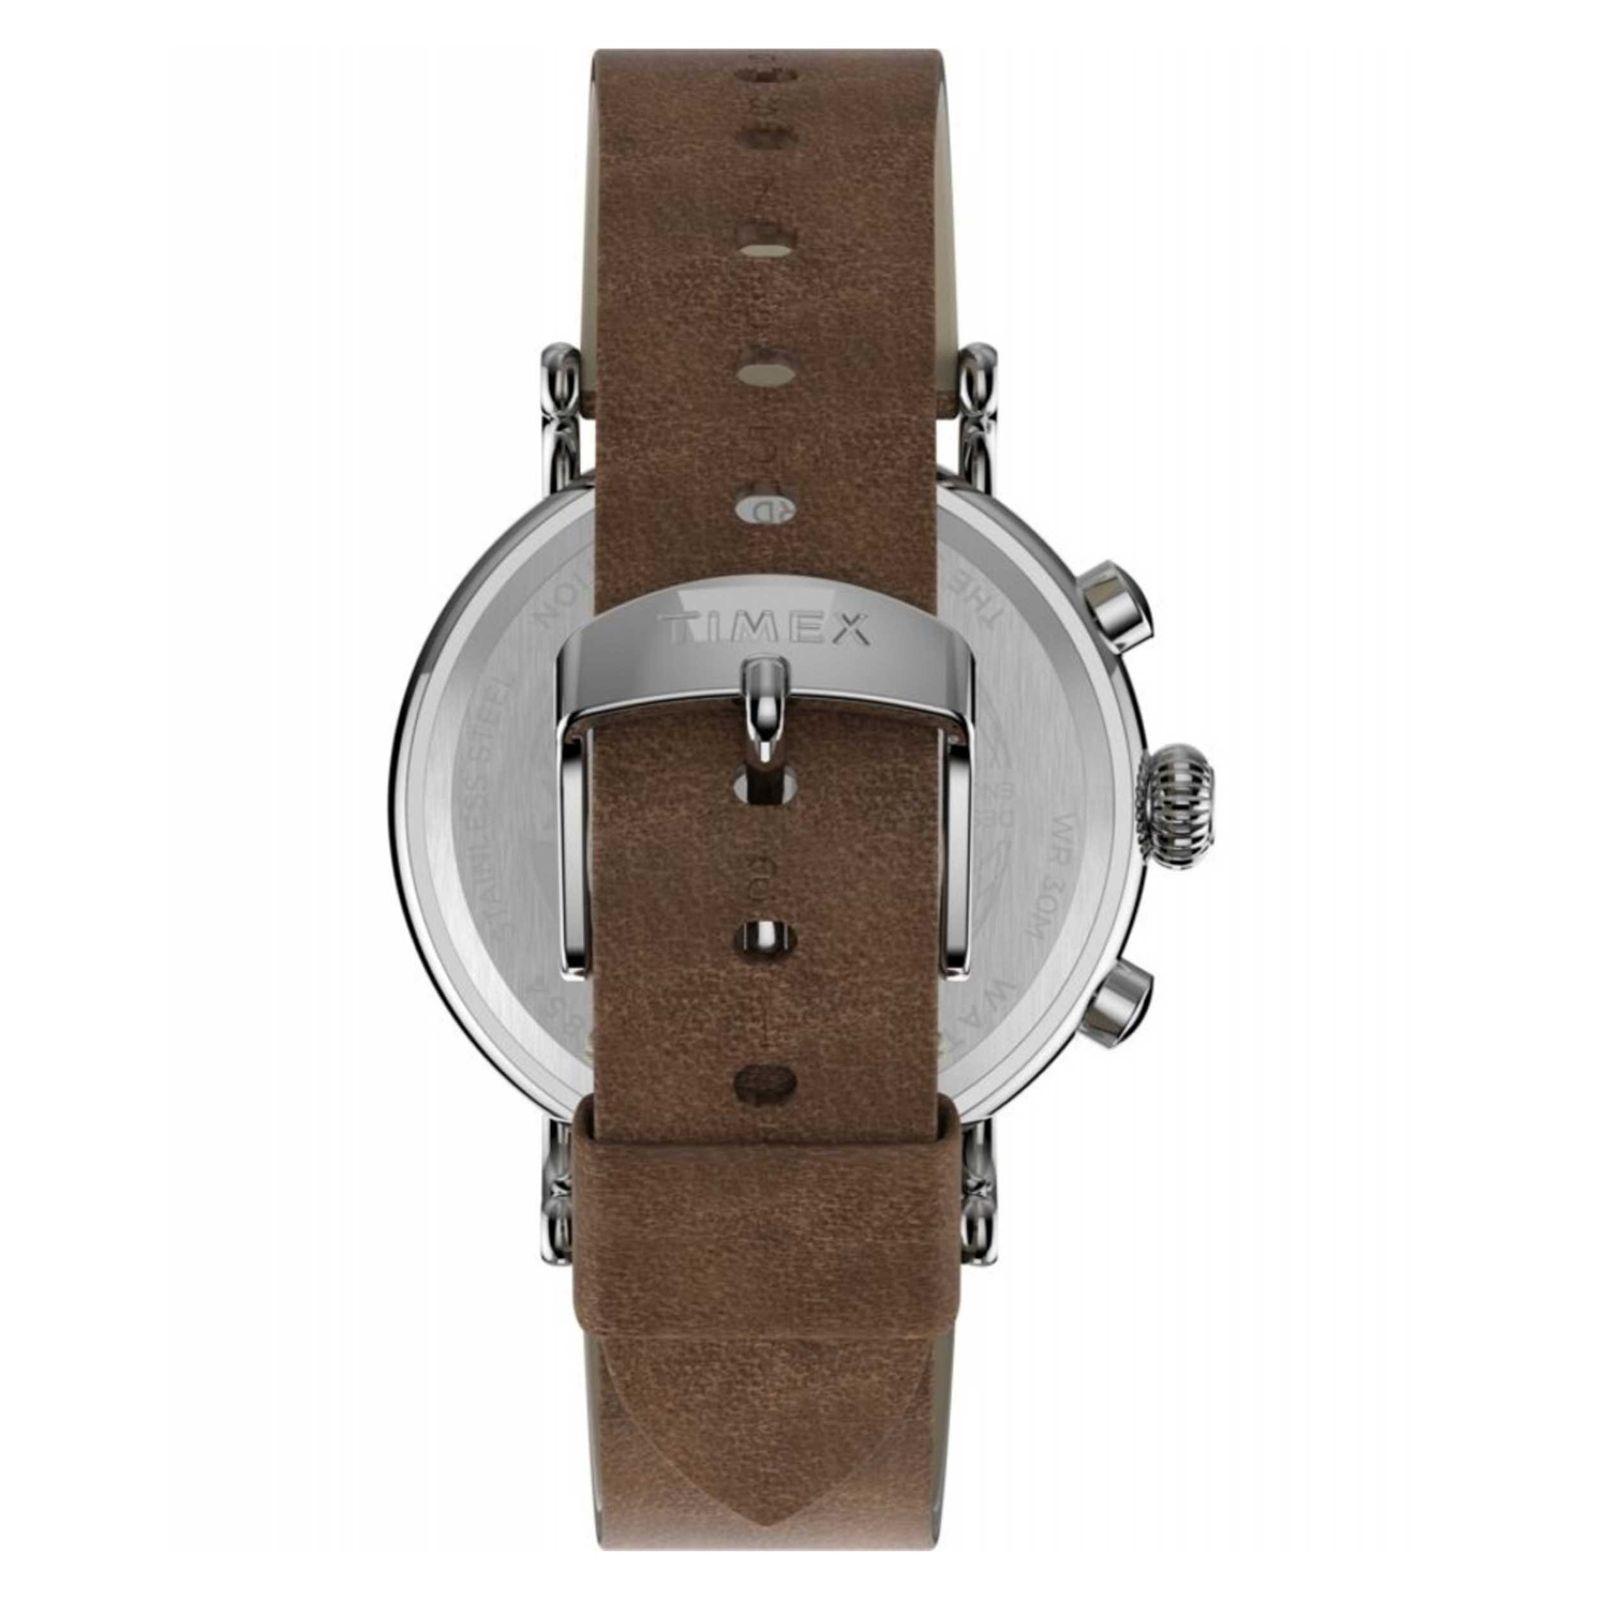 ساعت مچی عقربه ای مردانه تایمکس مدل TW2T68900 -  - 2